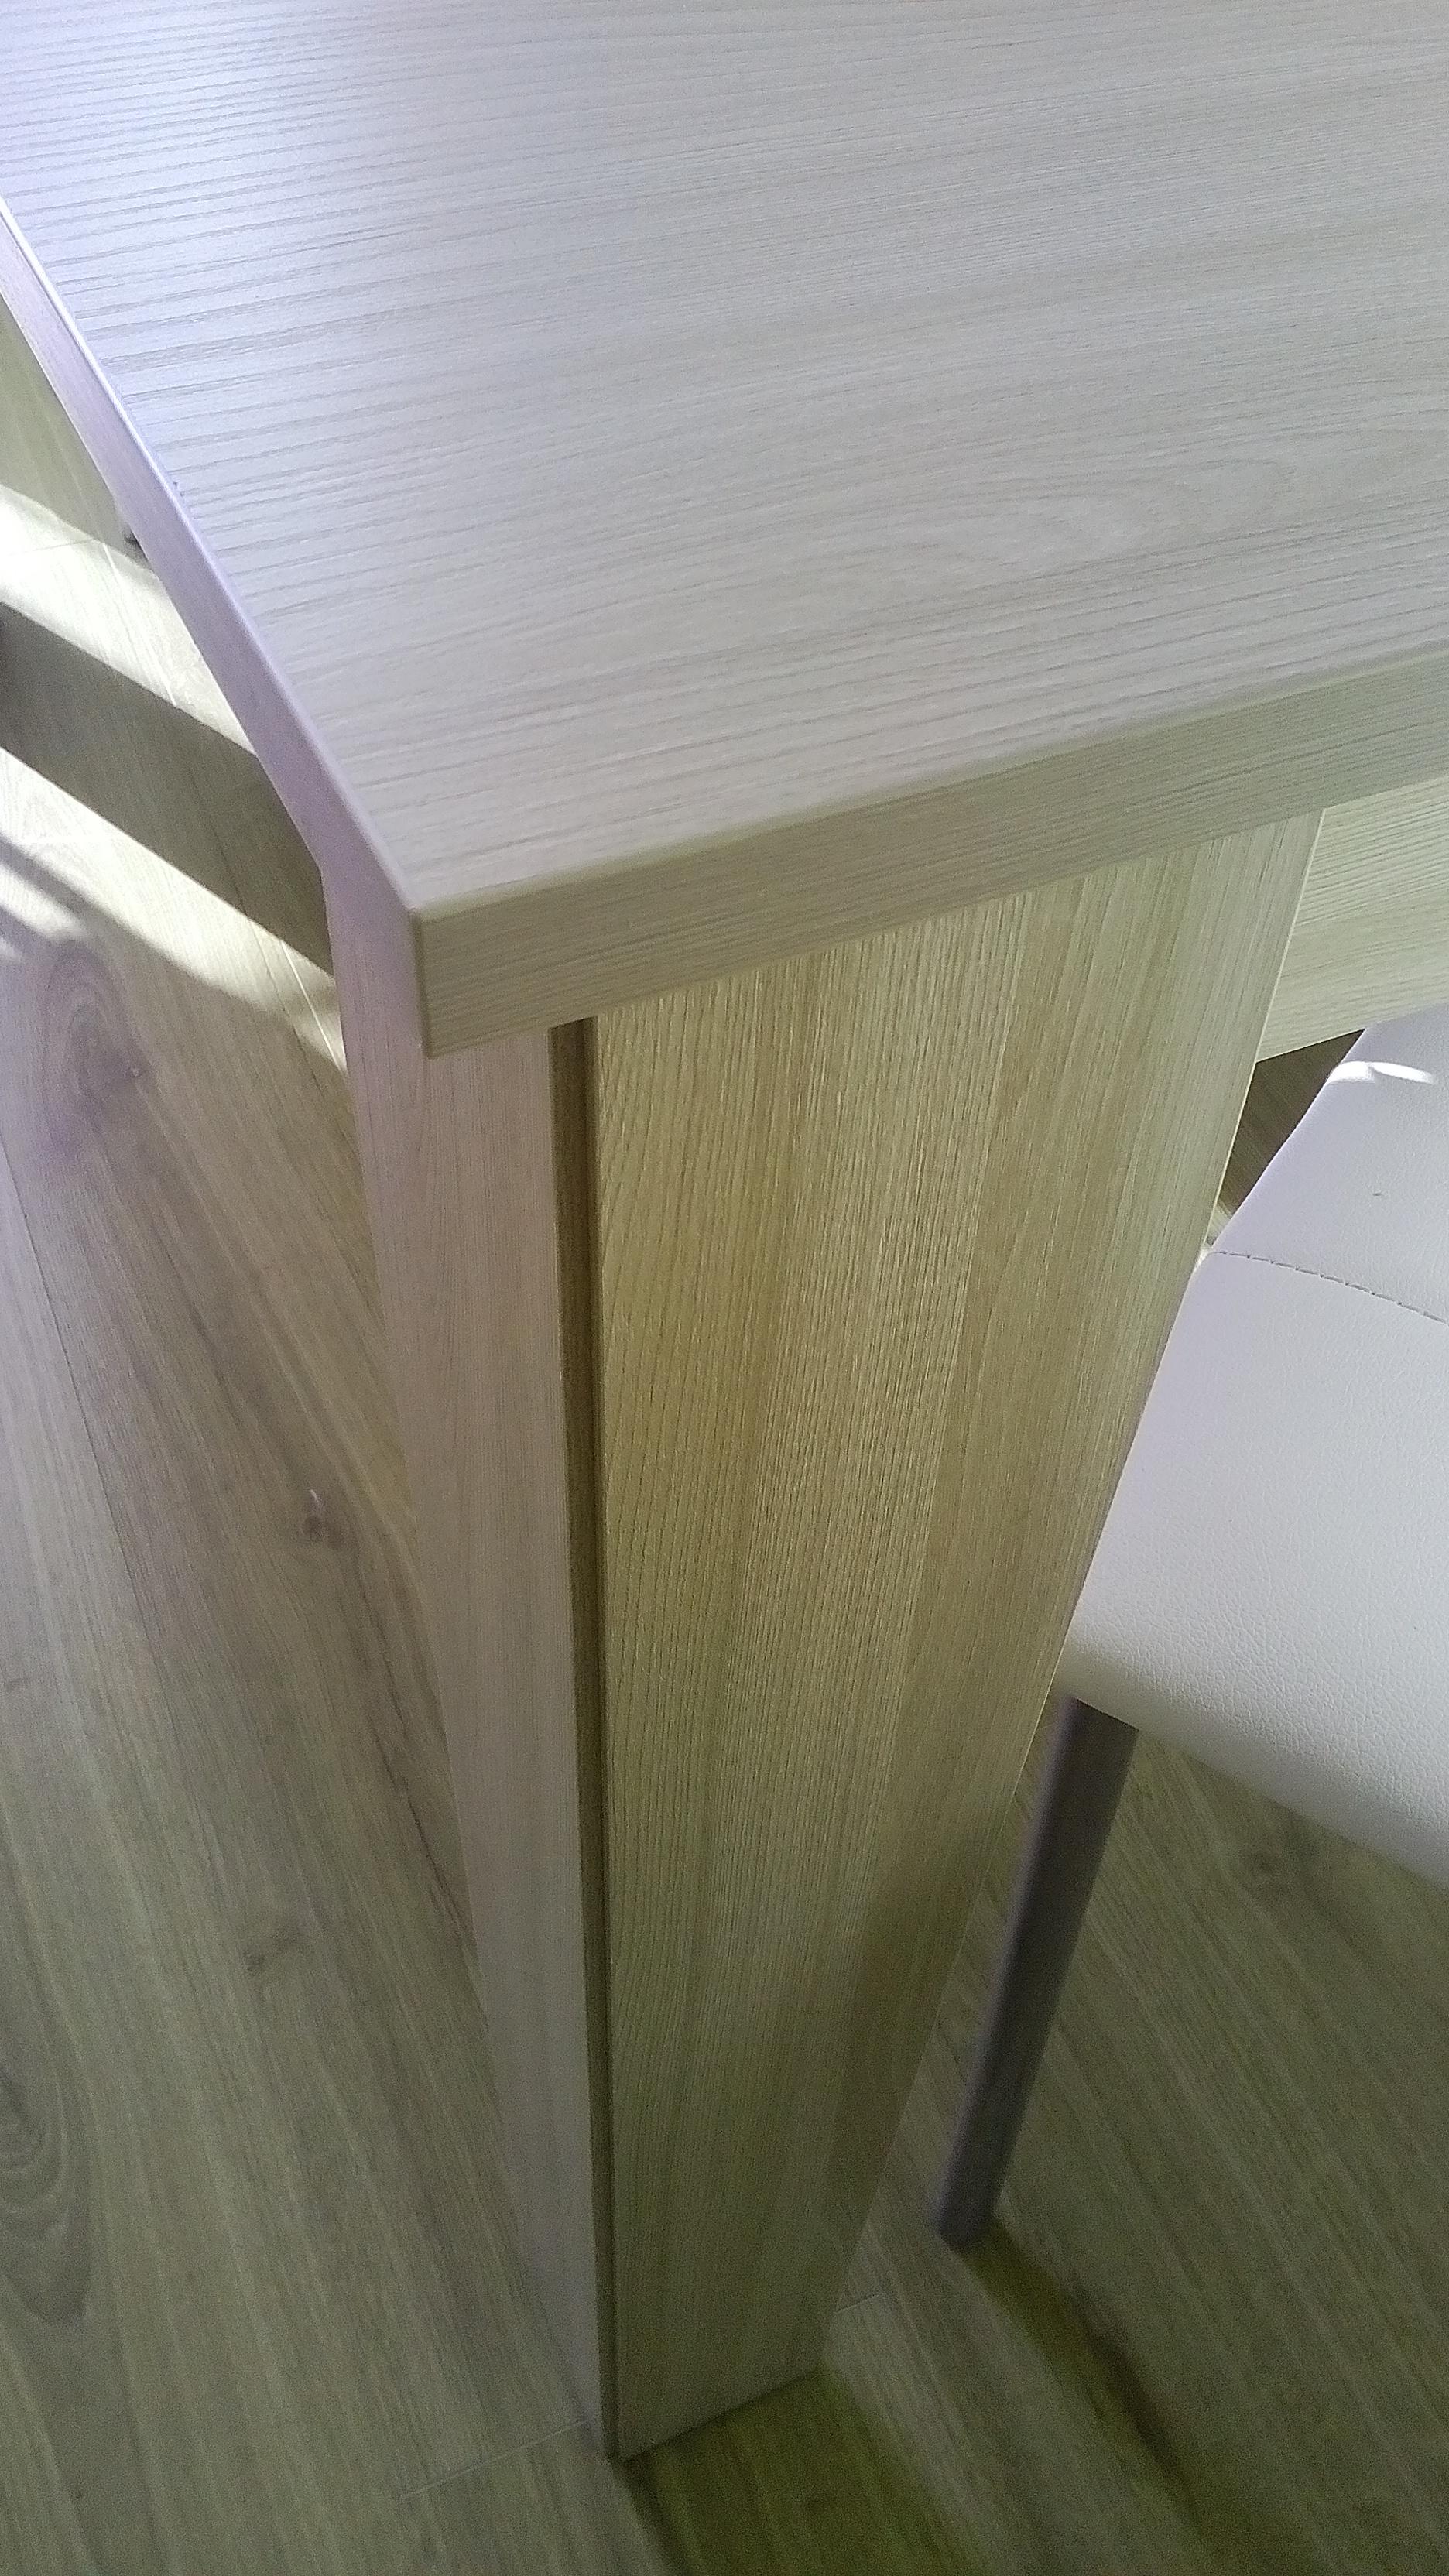 Стол обеденный раздвижной Модерн - фото